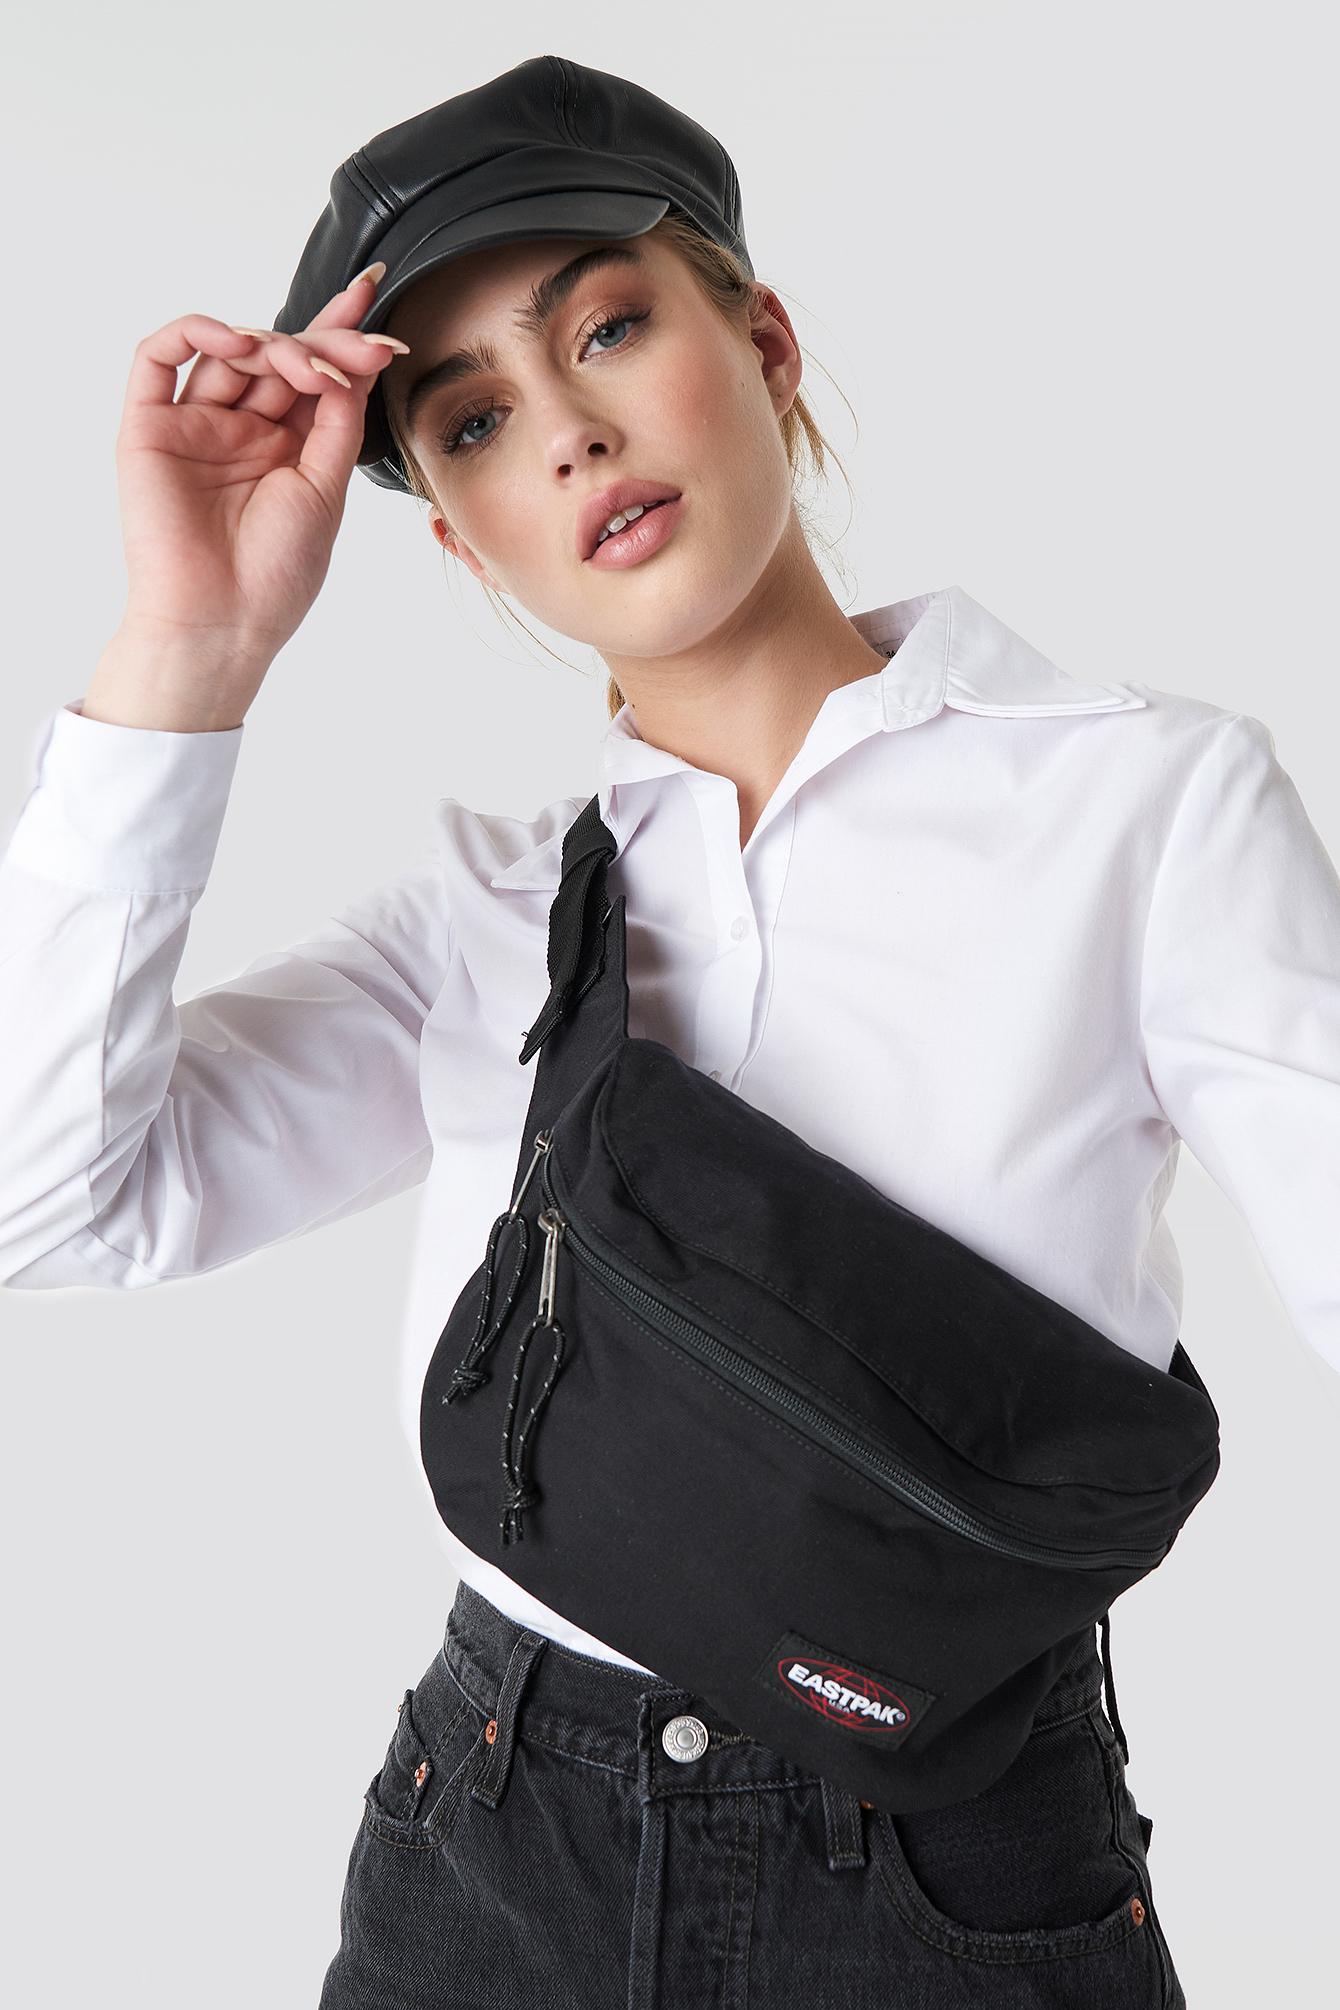 eastpak -  Bane Bag - Black